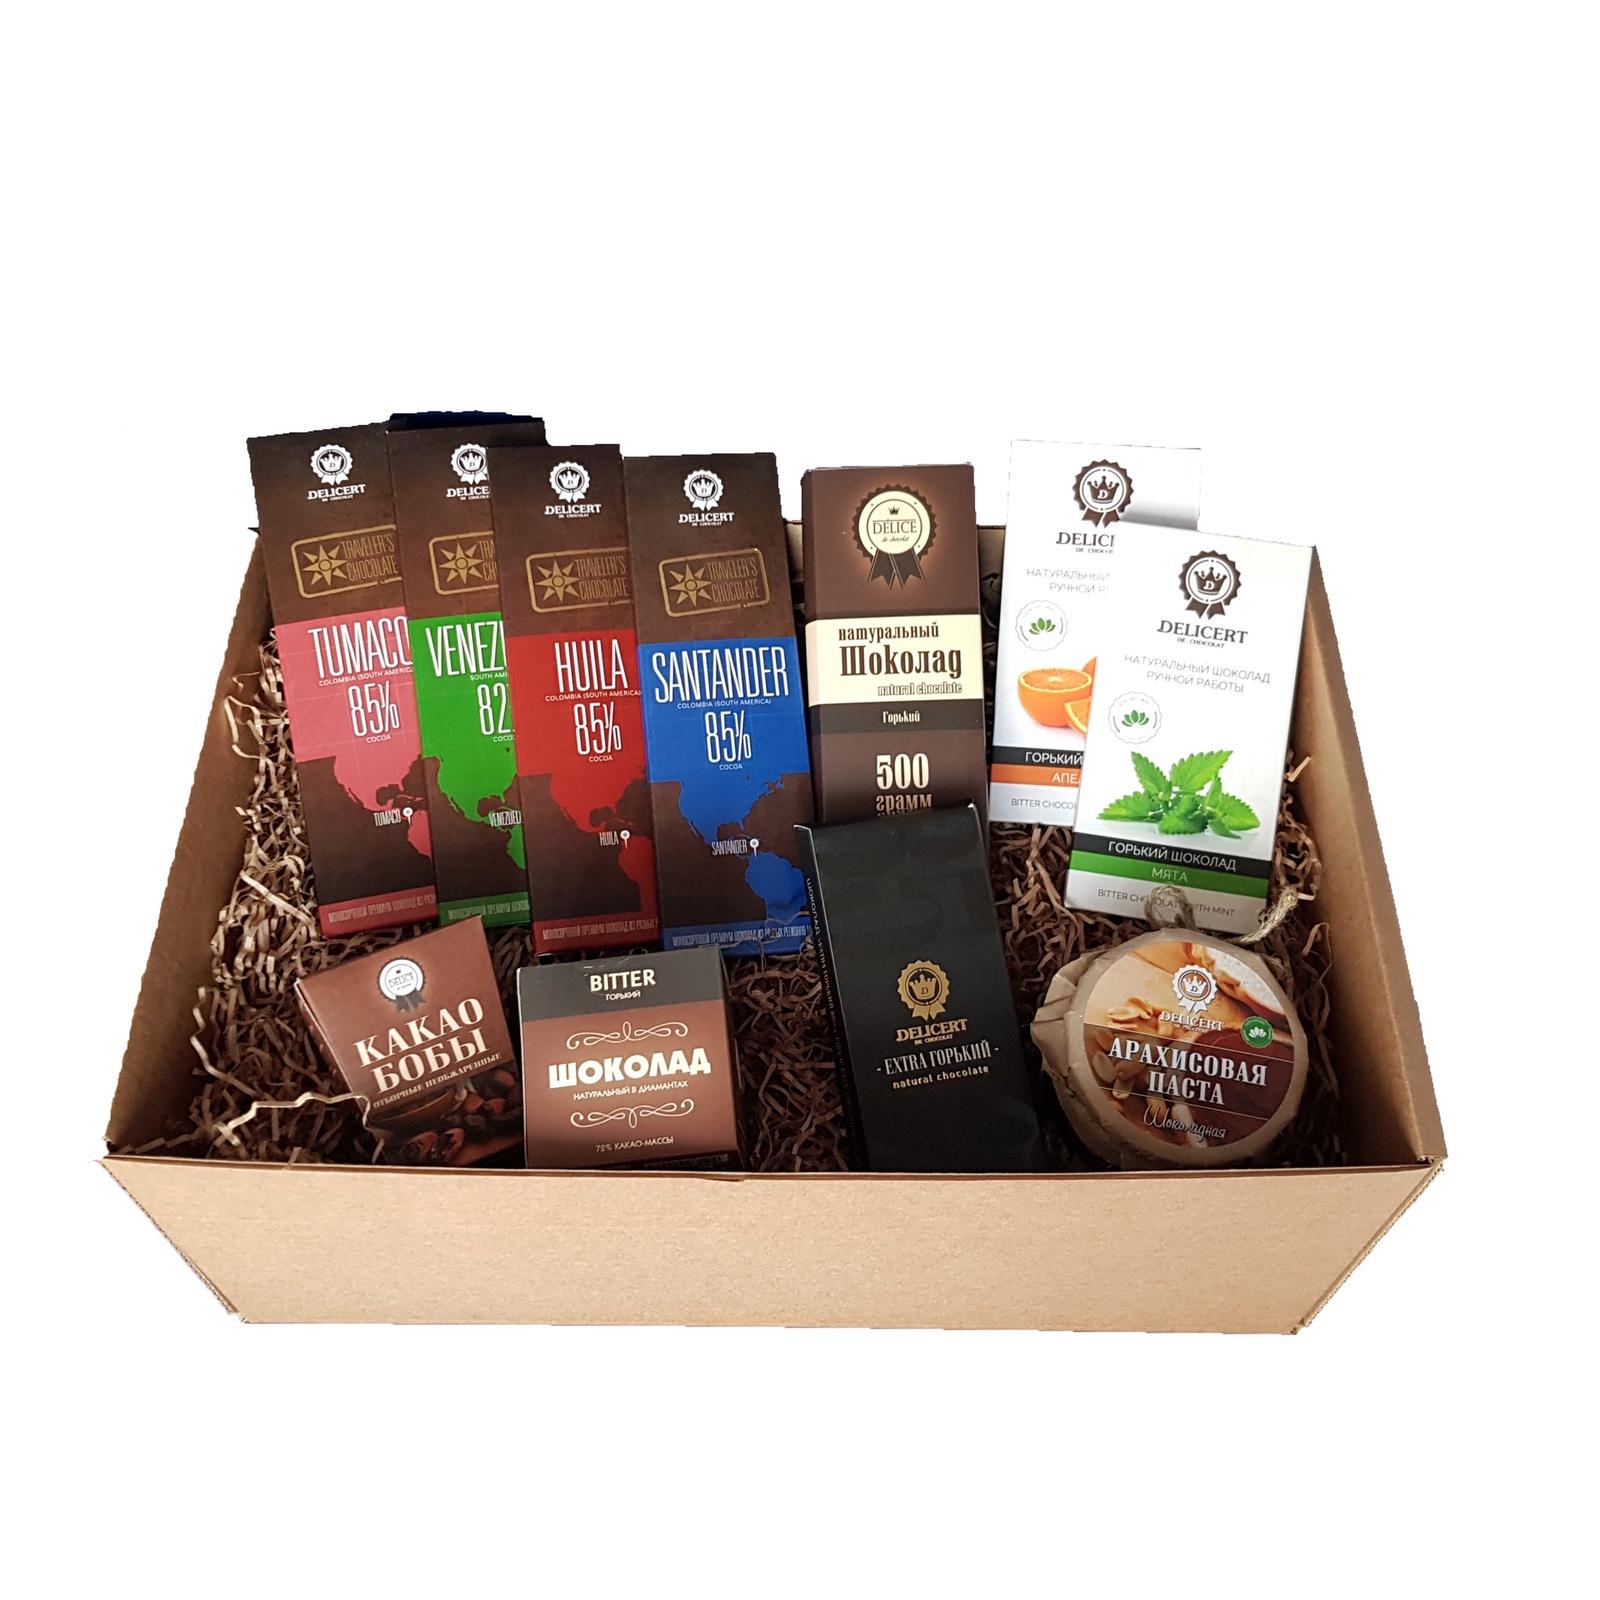 Набор шоколада Delicert de chocolat (горький шоколад) мыловаров массажная плитка для тела горячий шоколад 90 гр